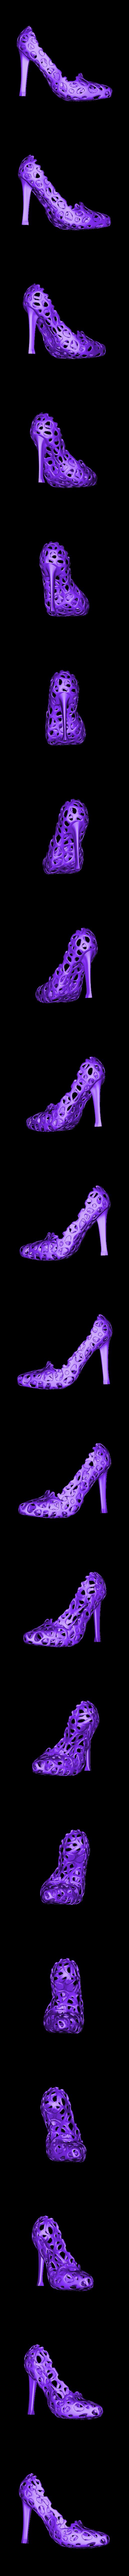 Zortrax_Voronoi_Heel_Left.stl Download free STL file Zortrax Voronoi Heels • 3D printer template, Zortrax